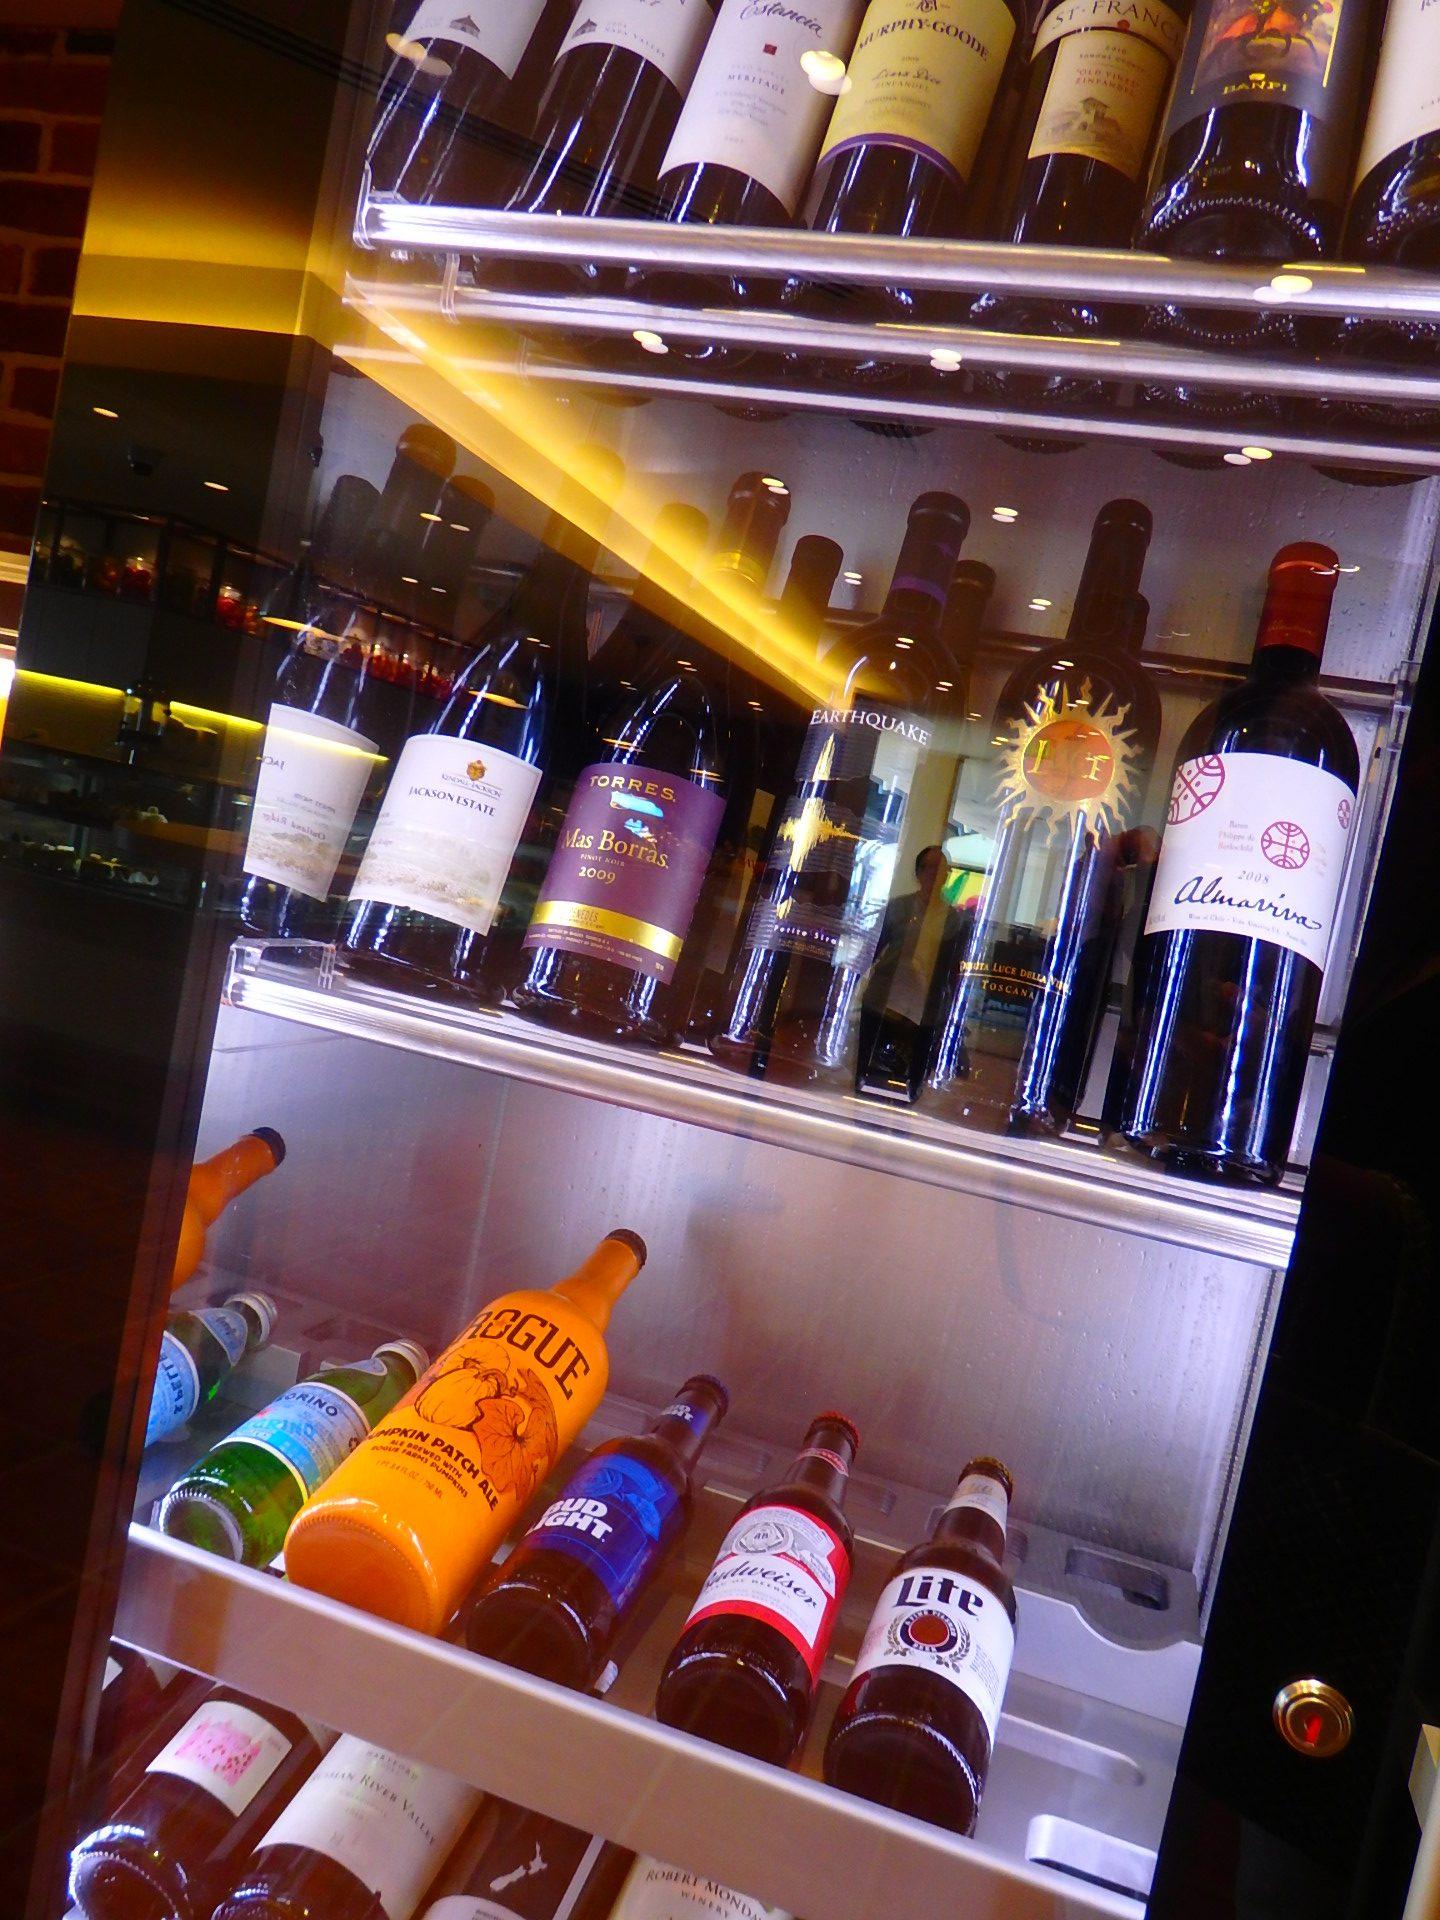 夕暮れには美味しいワインをいただきながら、サンセットを眺めることもできます。まさにヴァカンスの優雅な気分が堪能できます。